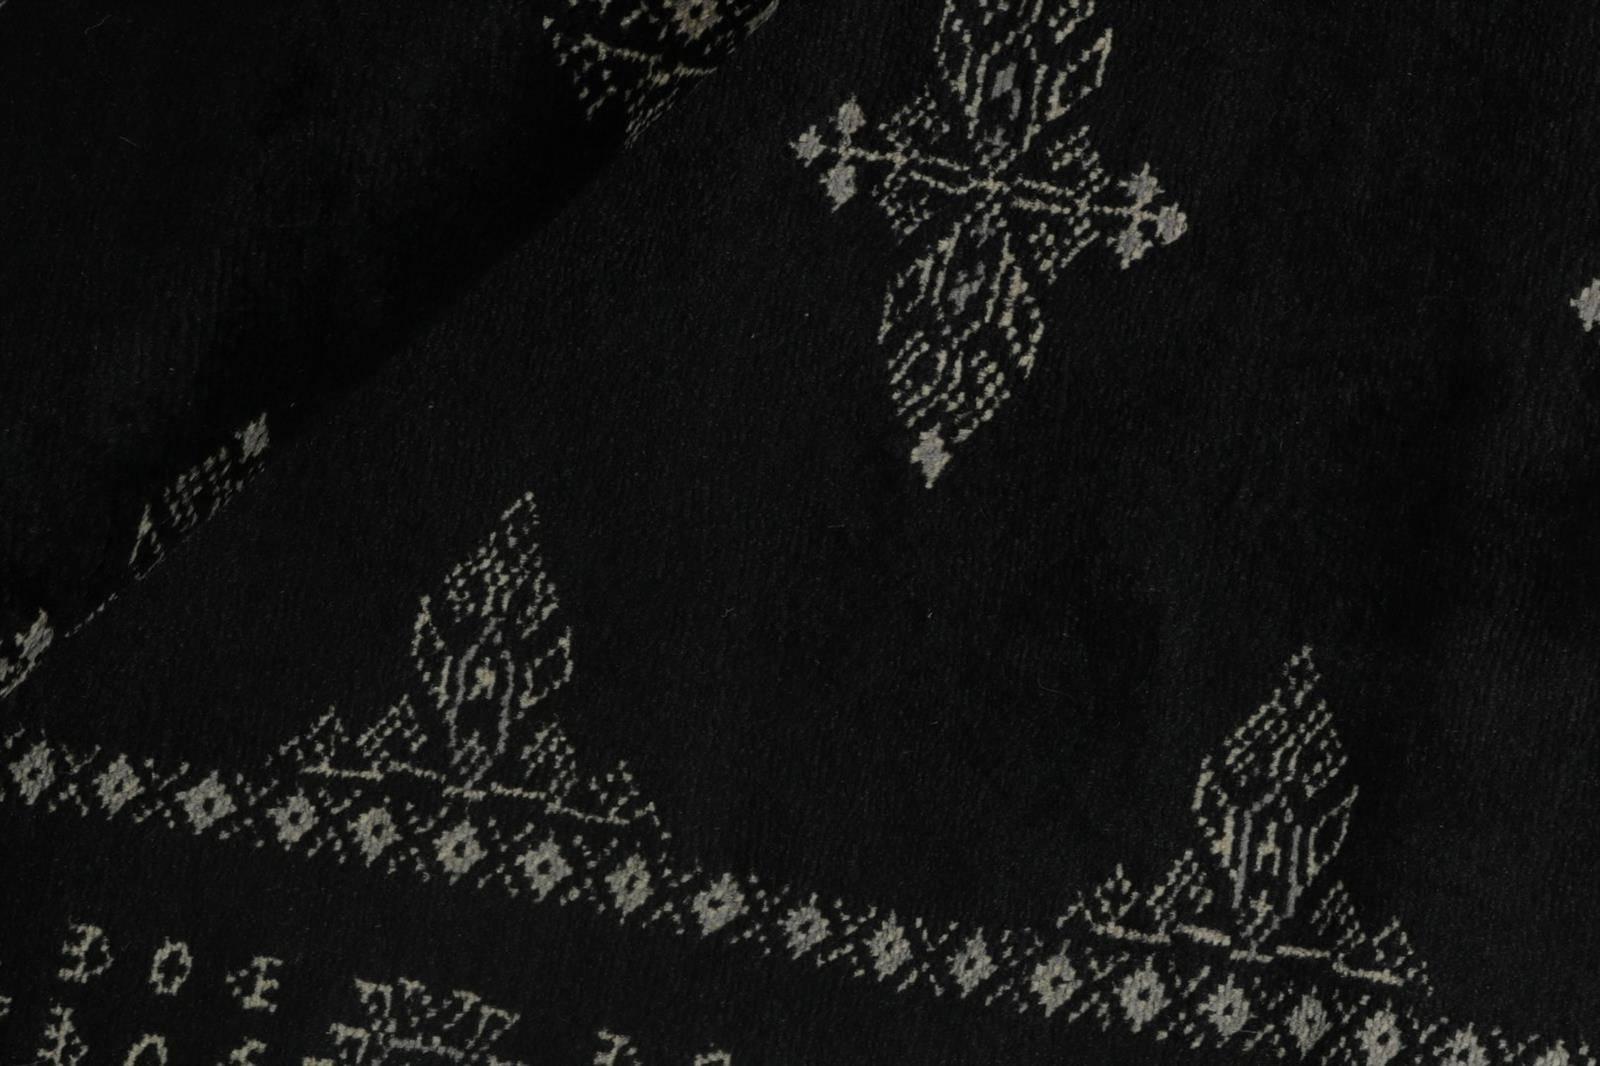 Chodnik Wełniany Pakistan Tekke Black 1382729 77x319